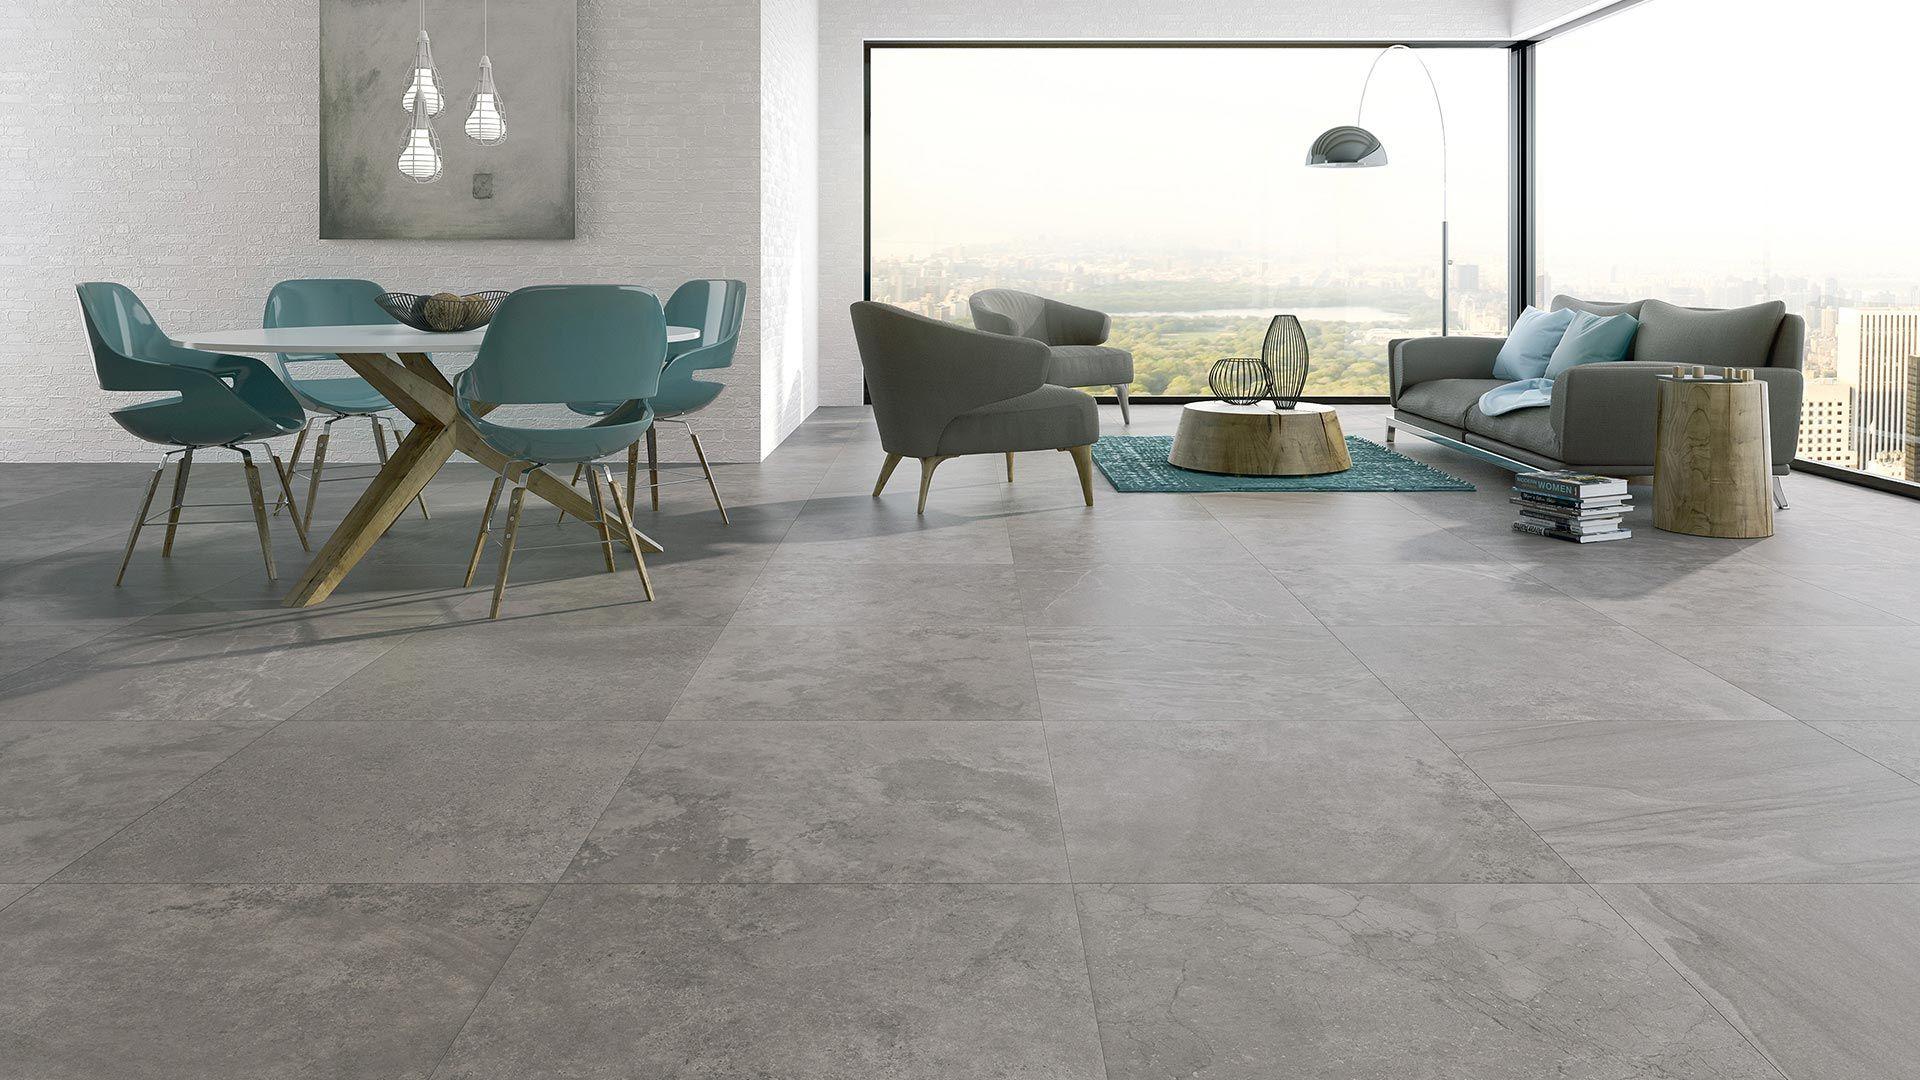 Deco hogar piso revestimiento porcellanato san pietro - Cemento pulido para suelos ...